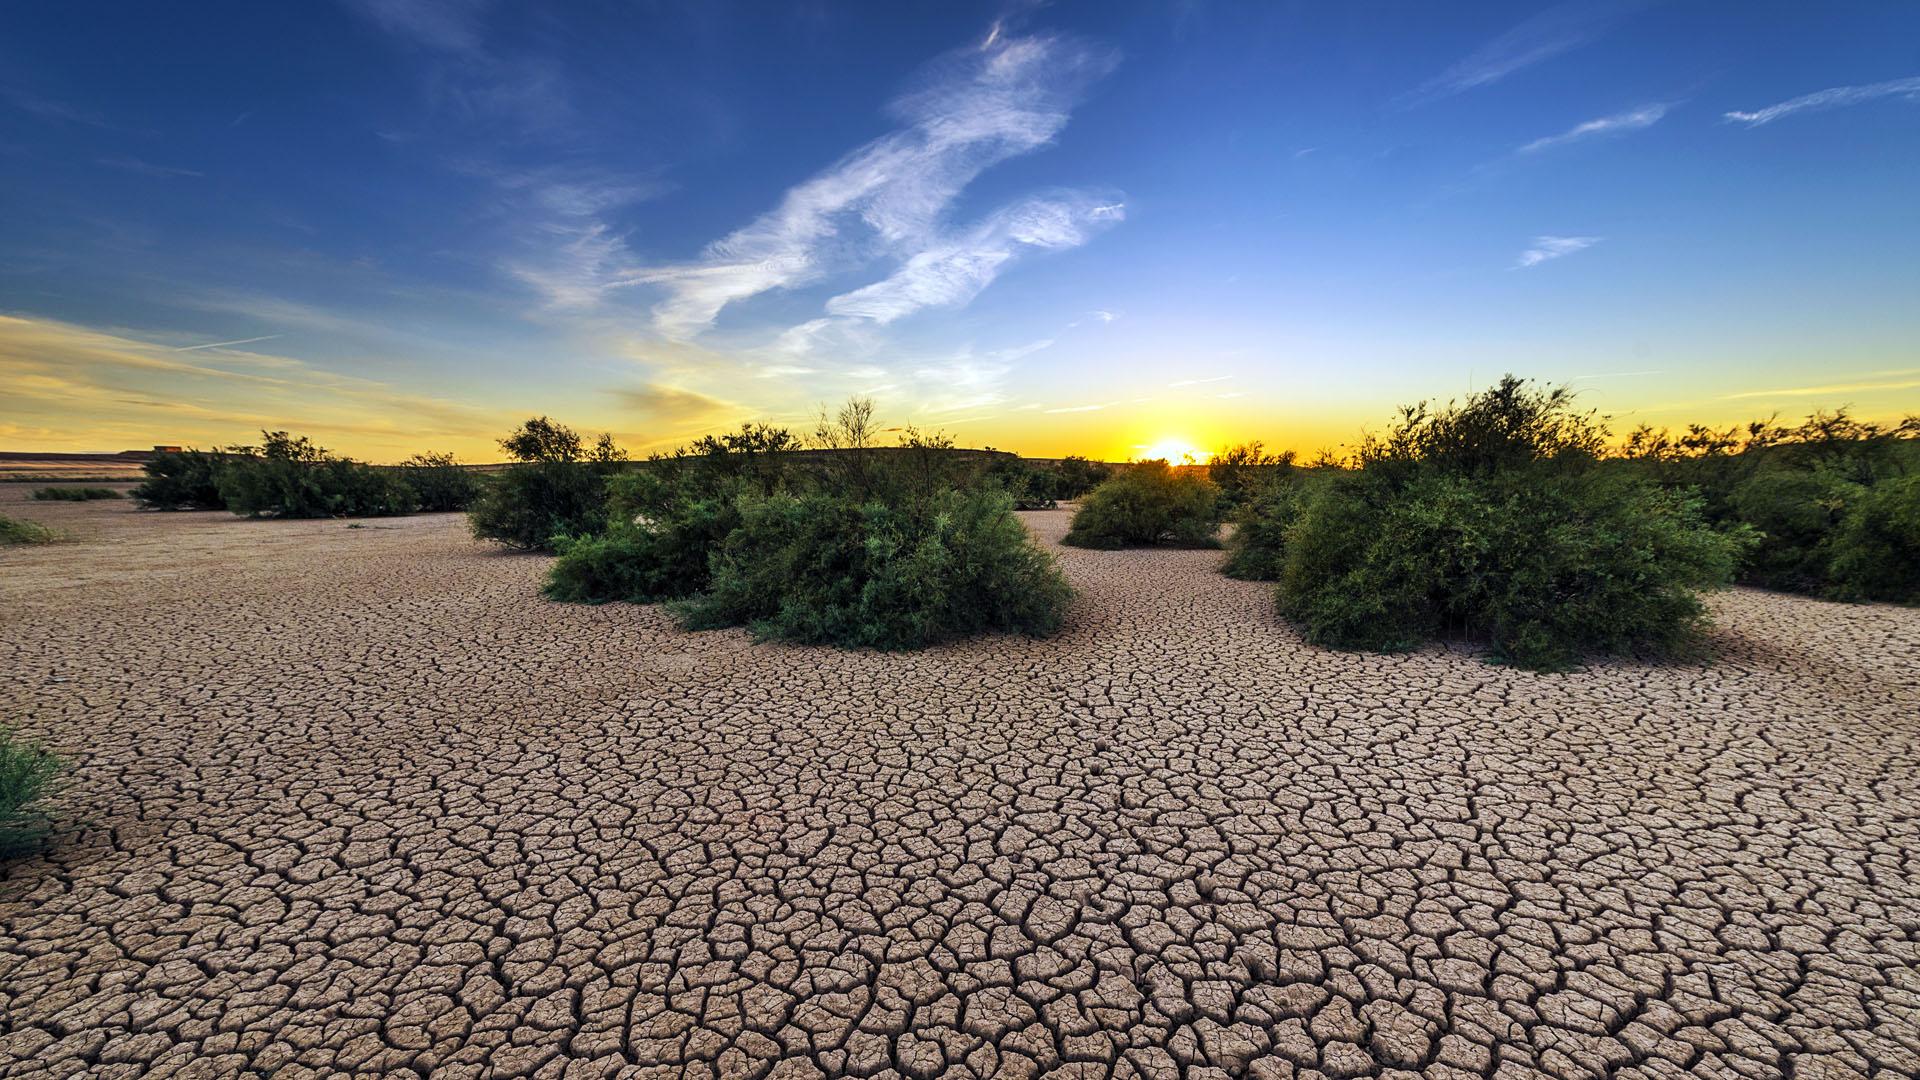 Globální partnerství pro ochranu a přizpůsobení se změně klimatu